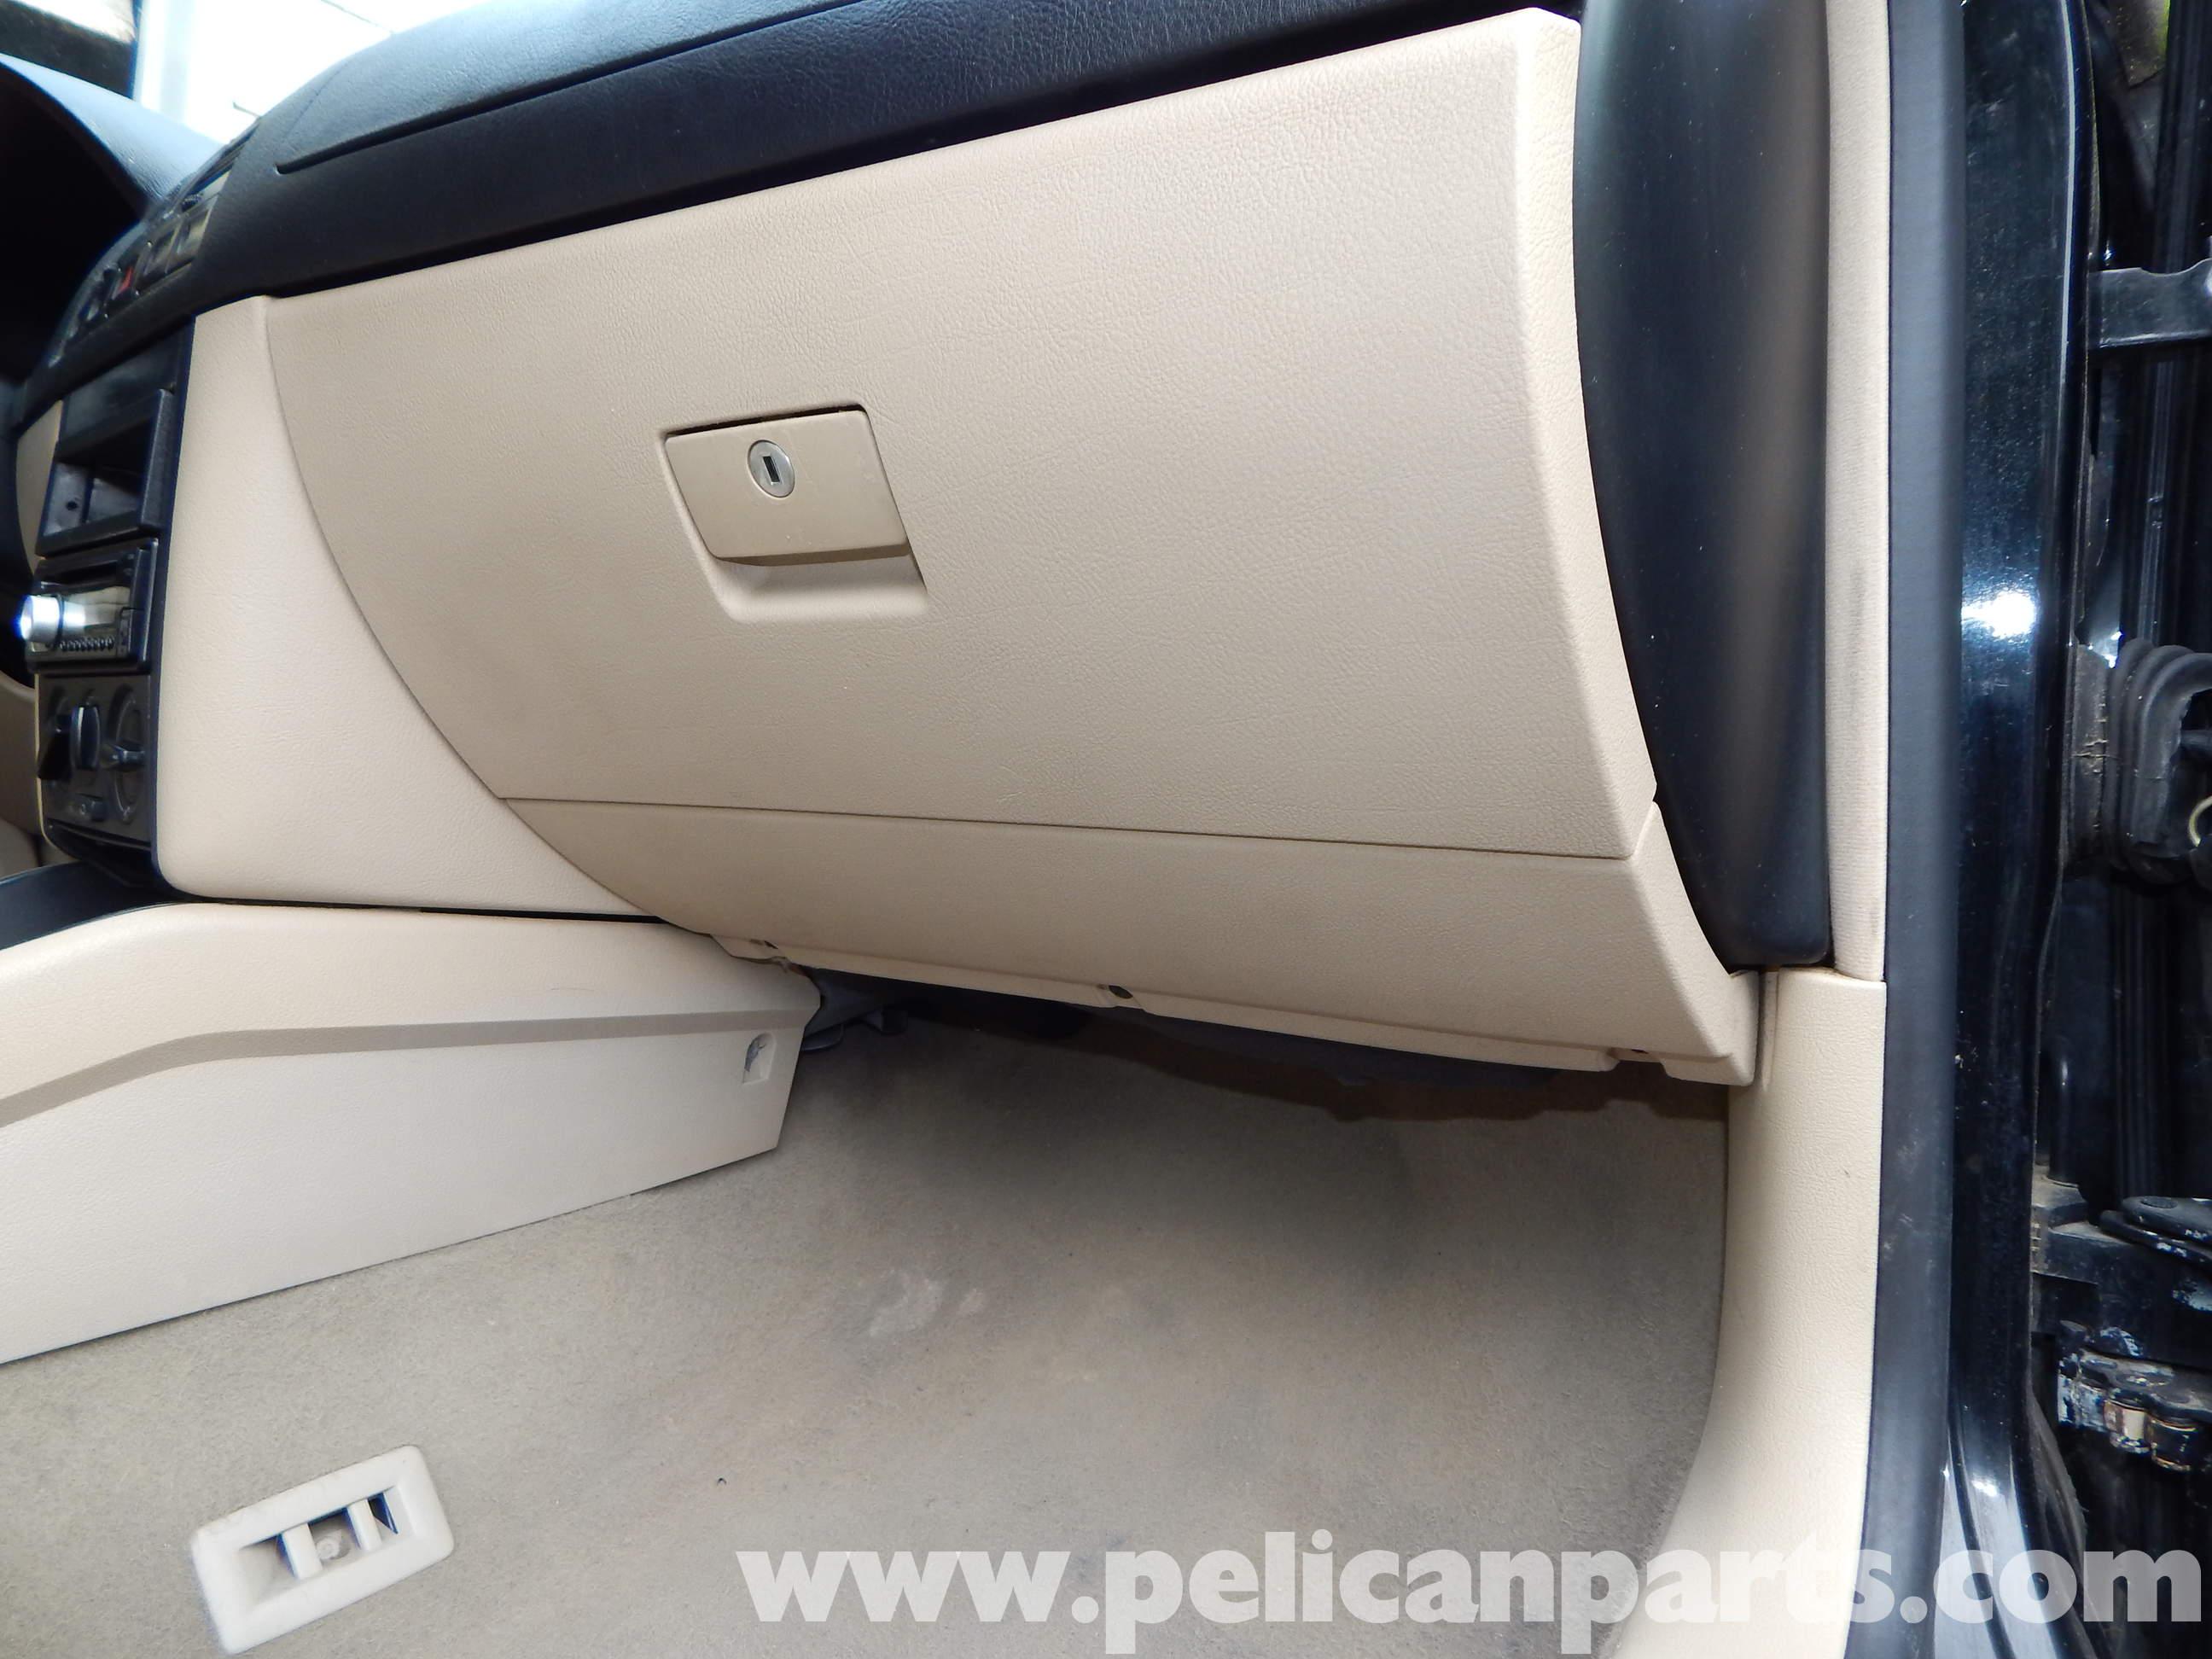 Pelican Technical Article Volkswagen Jetta Mkiv Glove Box Removal